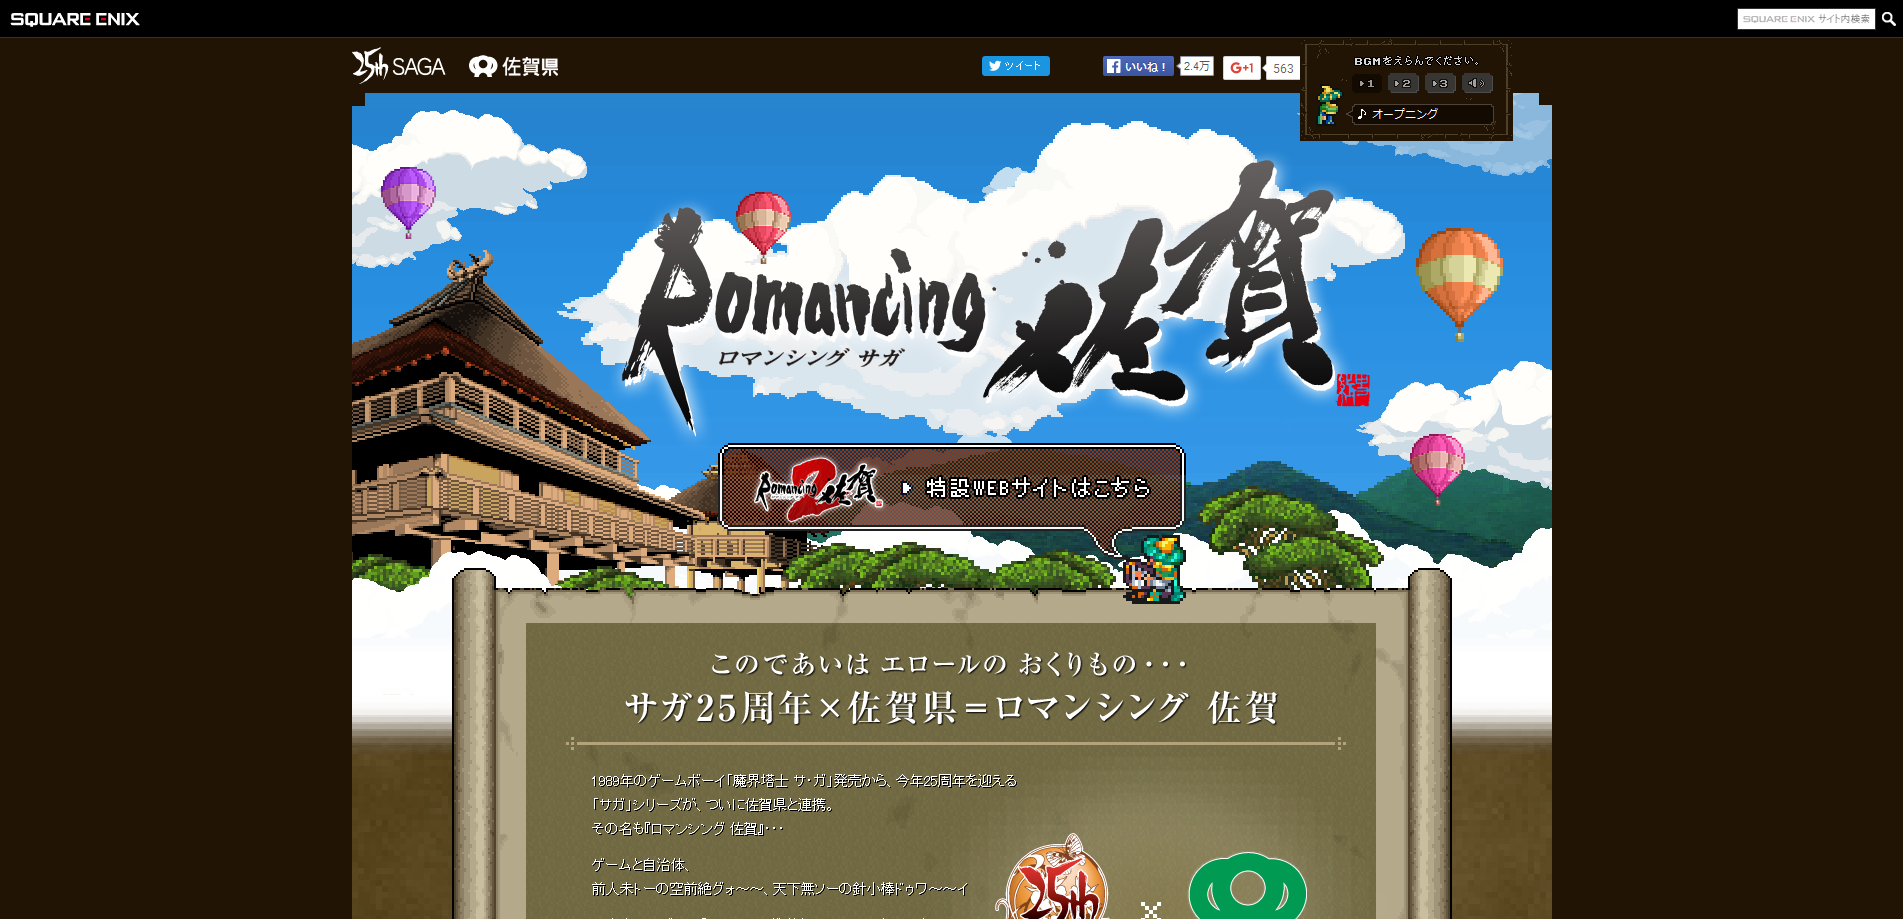 面白いホームページ作成 - ロマンシング・佐賀